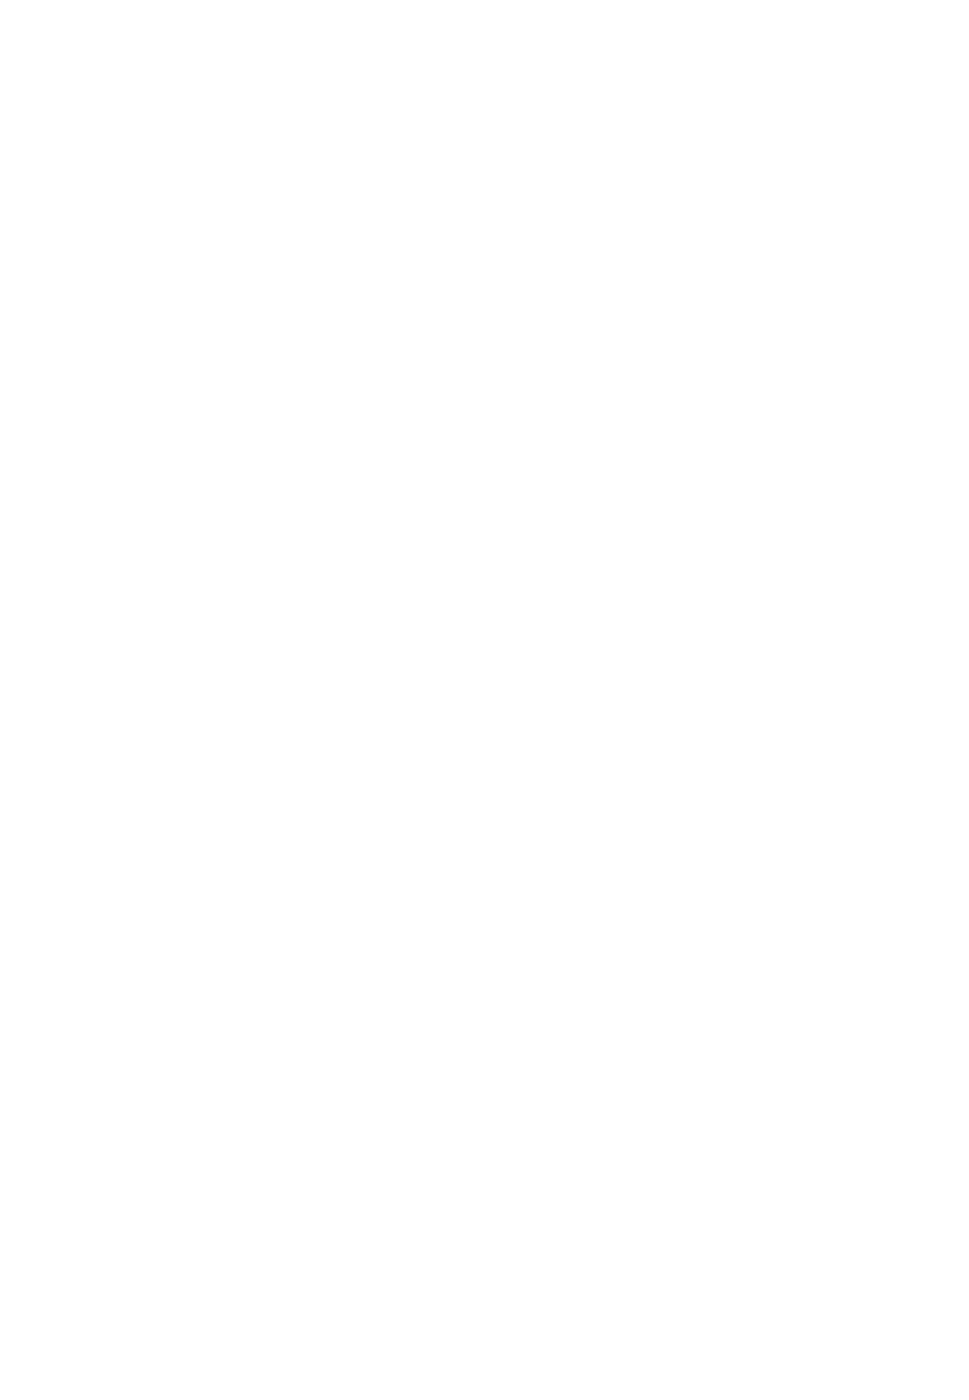 [Dozamura] Doguu -Dozamura Guuwa- Kuro 6